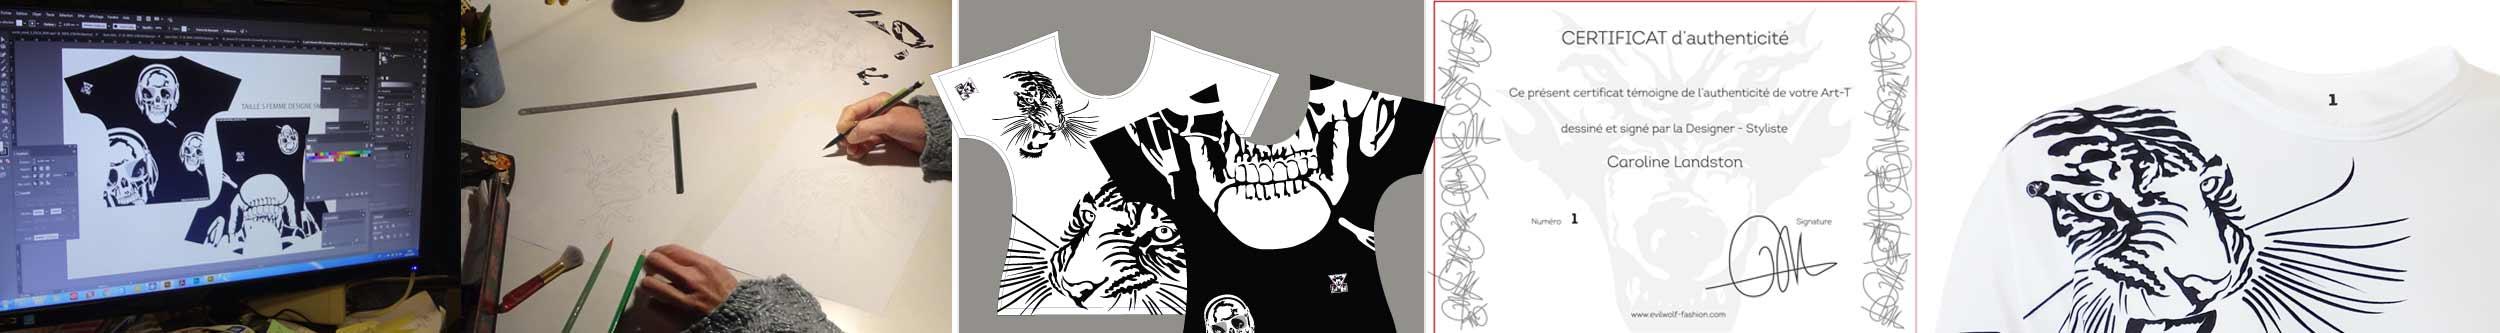 Le vêtement d'exception : le « ART-T », le t-shirt réinventé